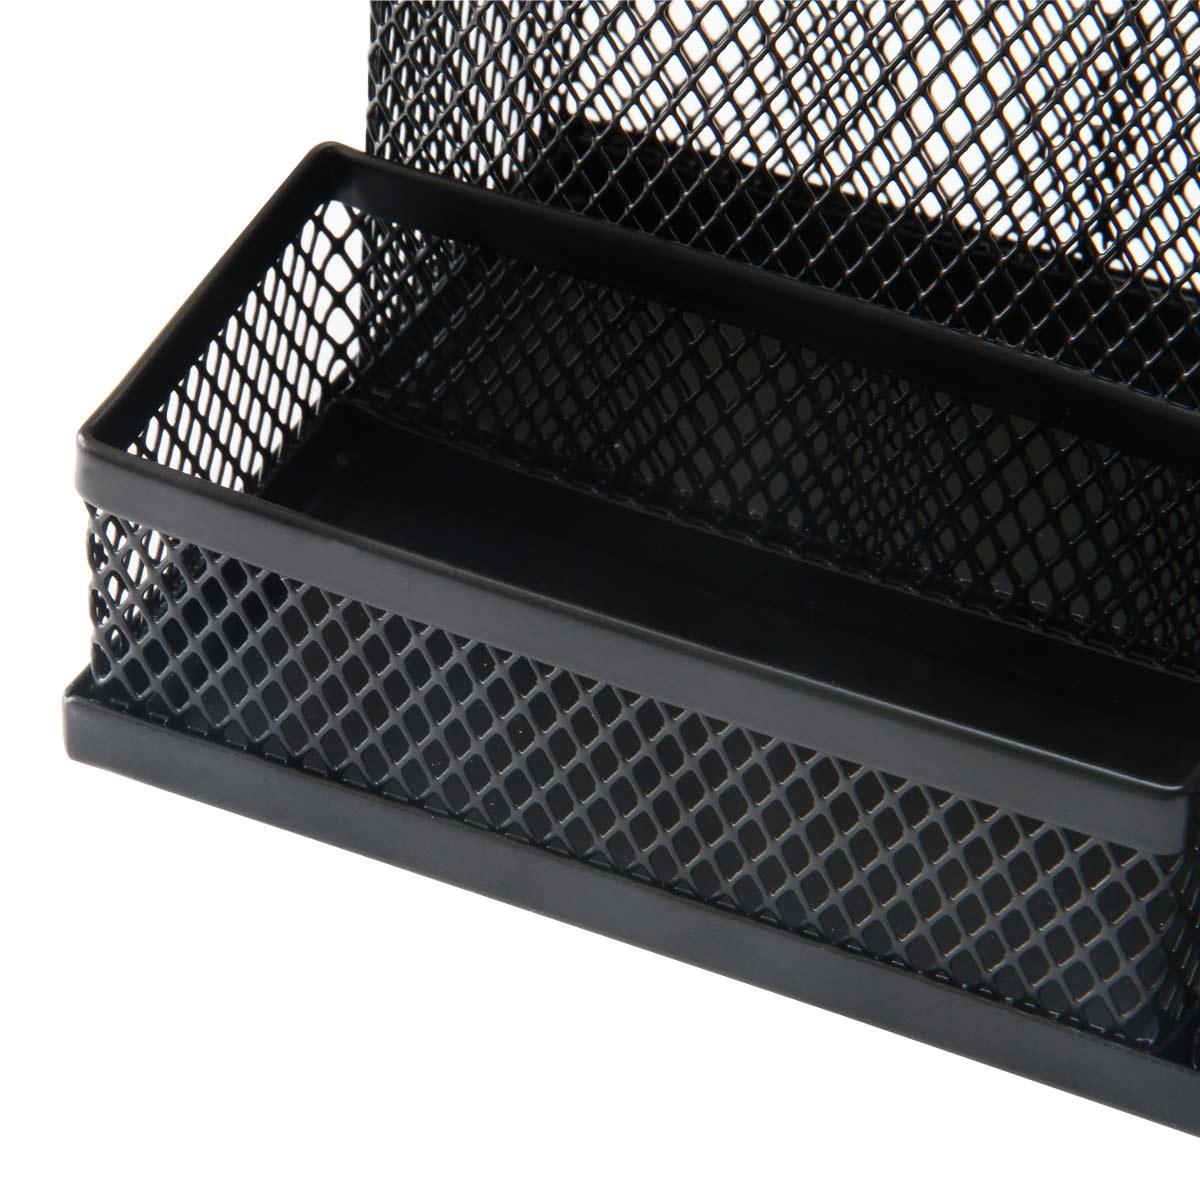 得力(deli)9175 金属网纹多功能办公笔筒 黑色